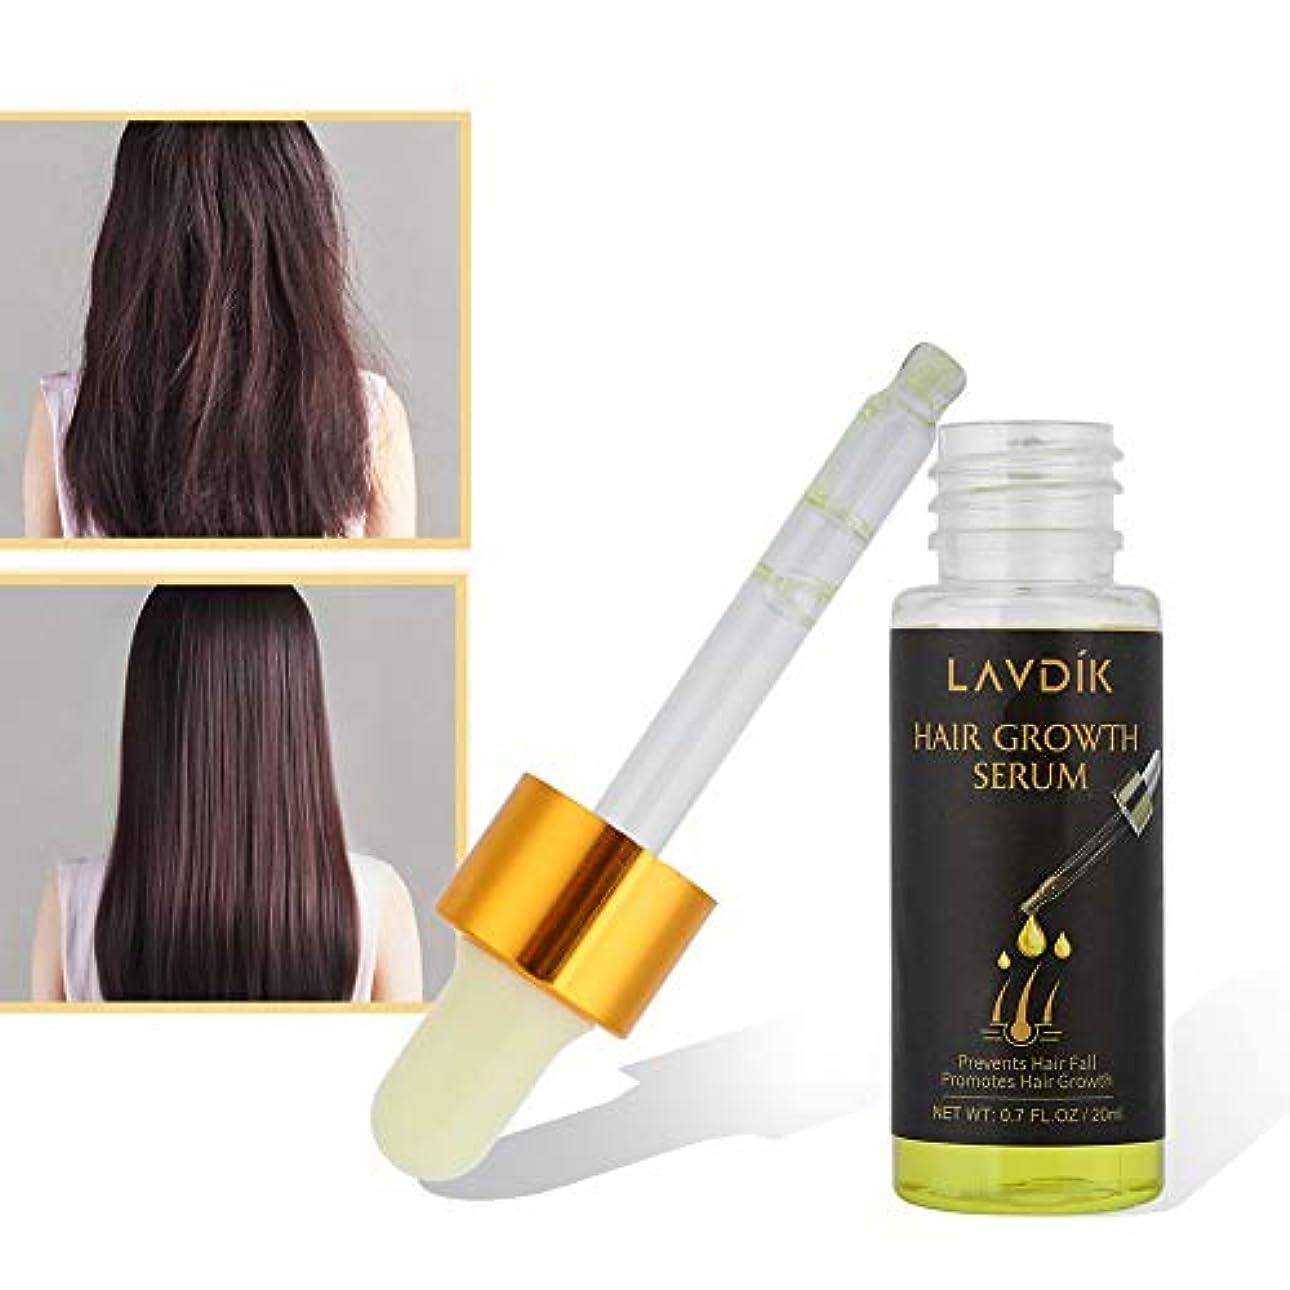 小間伝染病ゼロ20ml ヘアケアエッセンシャルオイル 速い髪の成長、抗脱毛症 - 栄養価の高い滑らかで健康的で強いヘアオイルの修理